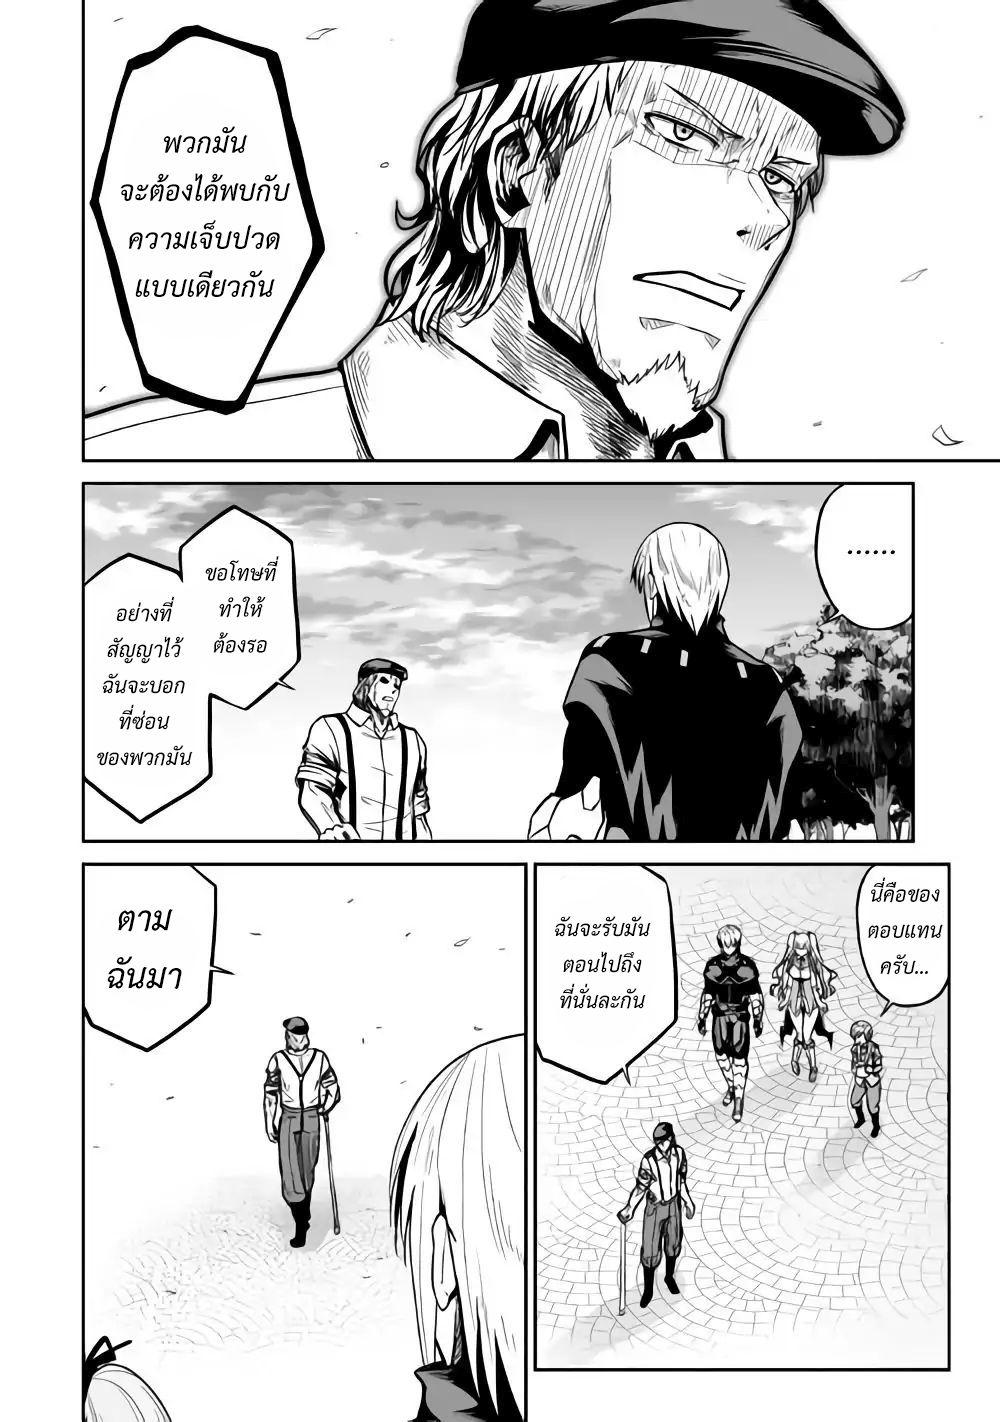 อ่านการ์ตูน Jaryuu Tensei ตอนที่ 20.2 หน้าที่ 2